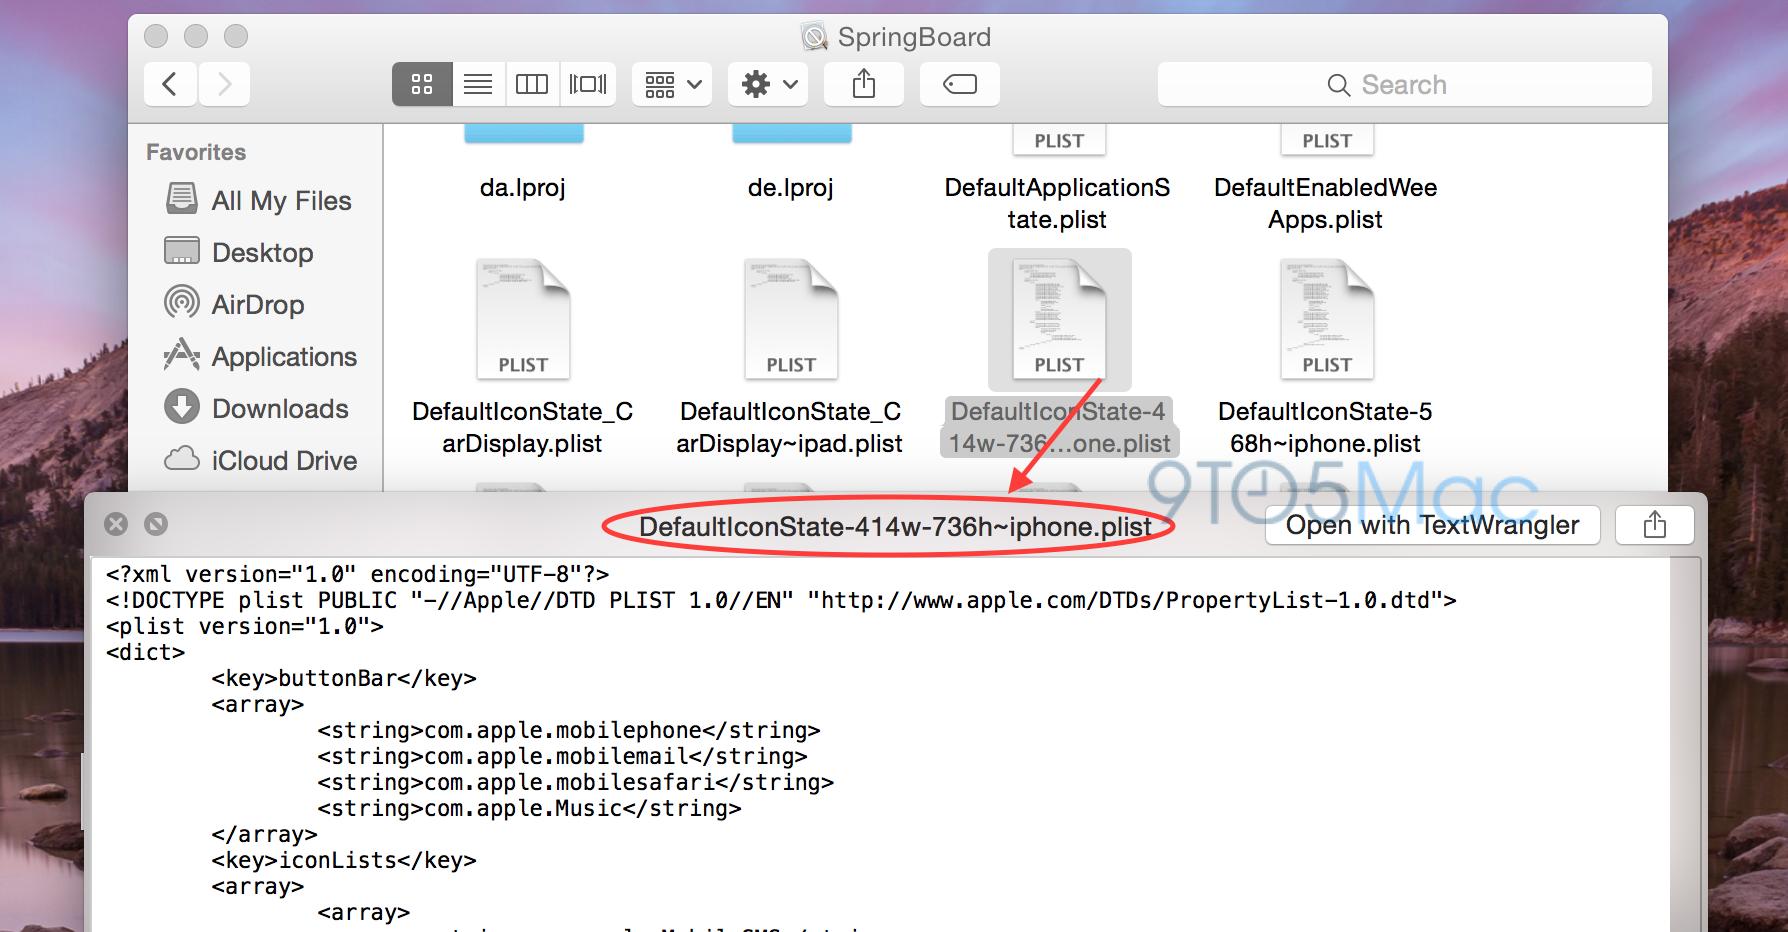 Nova resolução - SDK do iOS